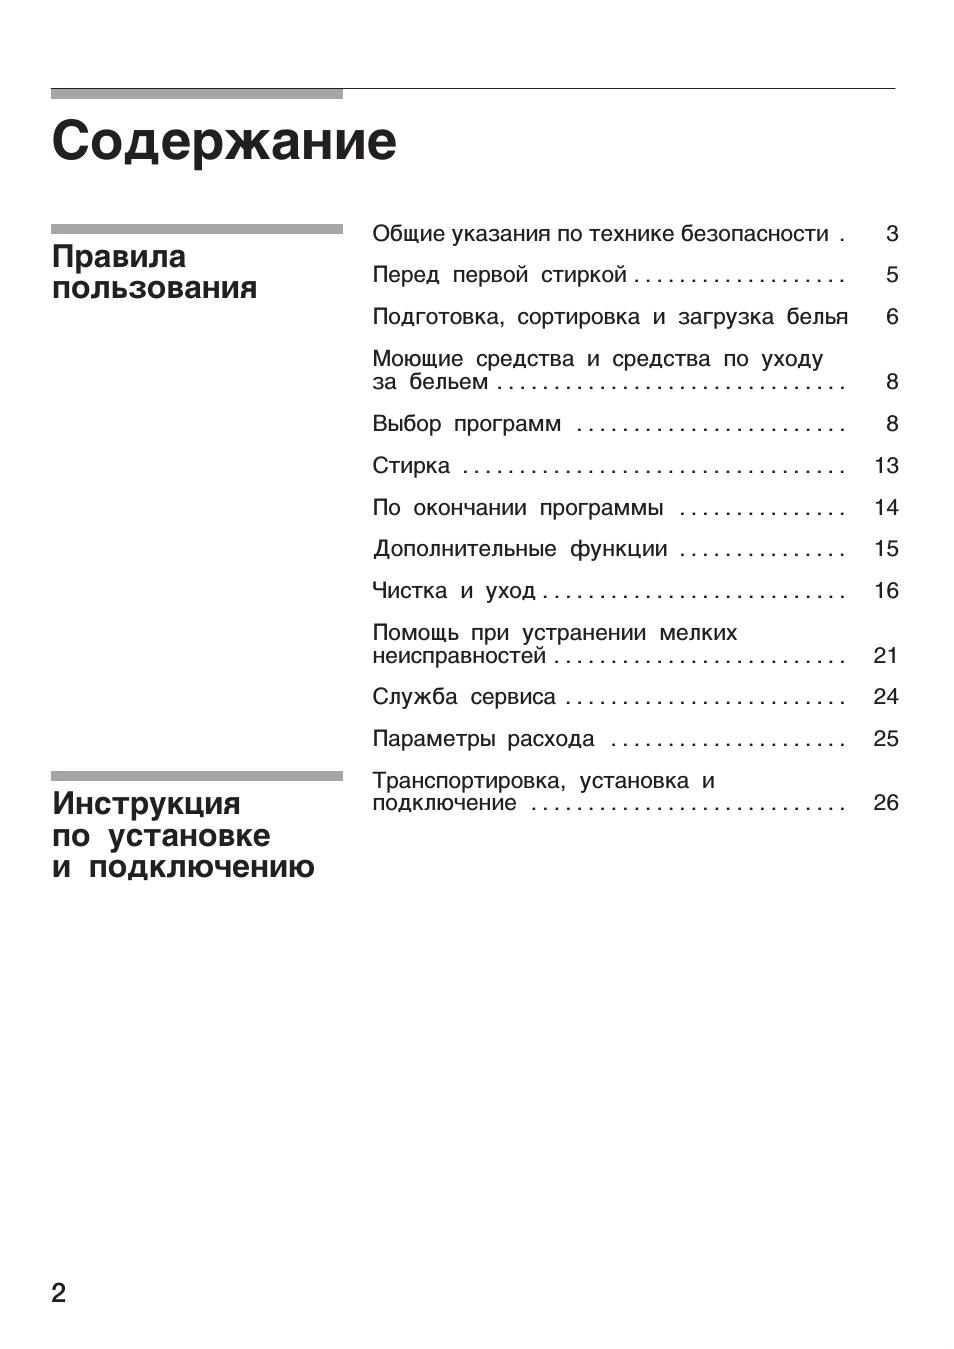 Содержание Правилапользования Инструкция по установке и подк.